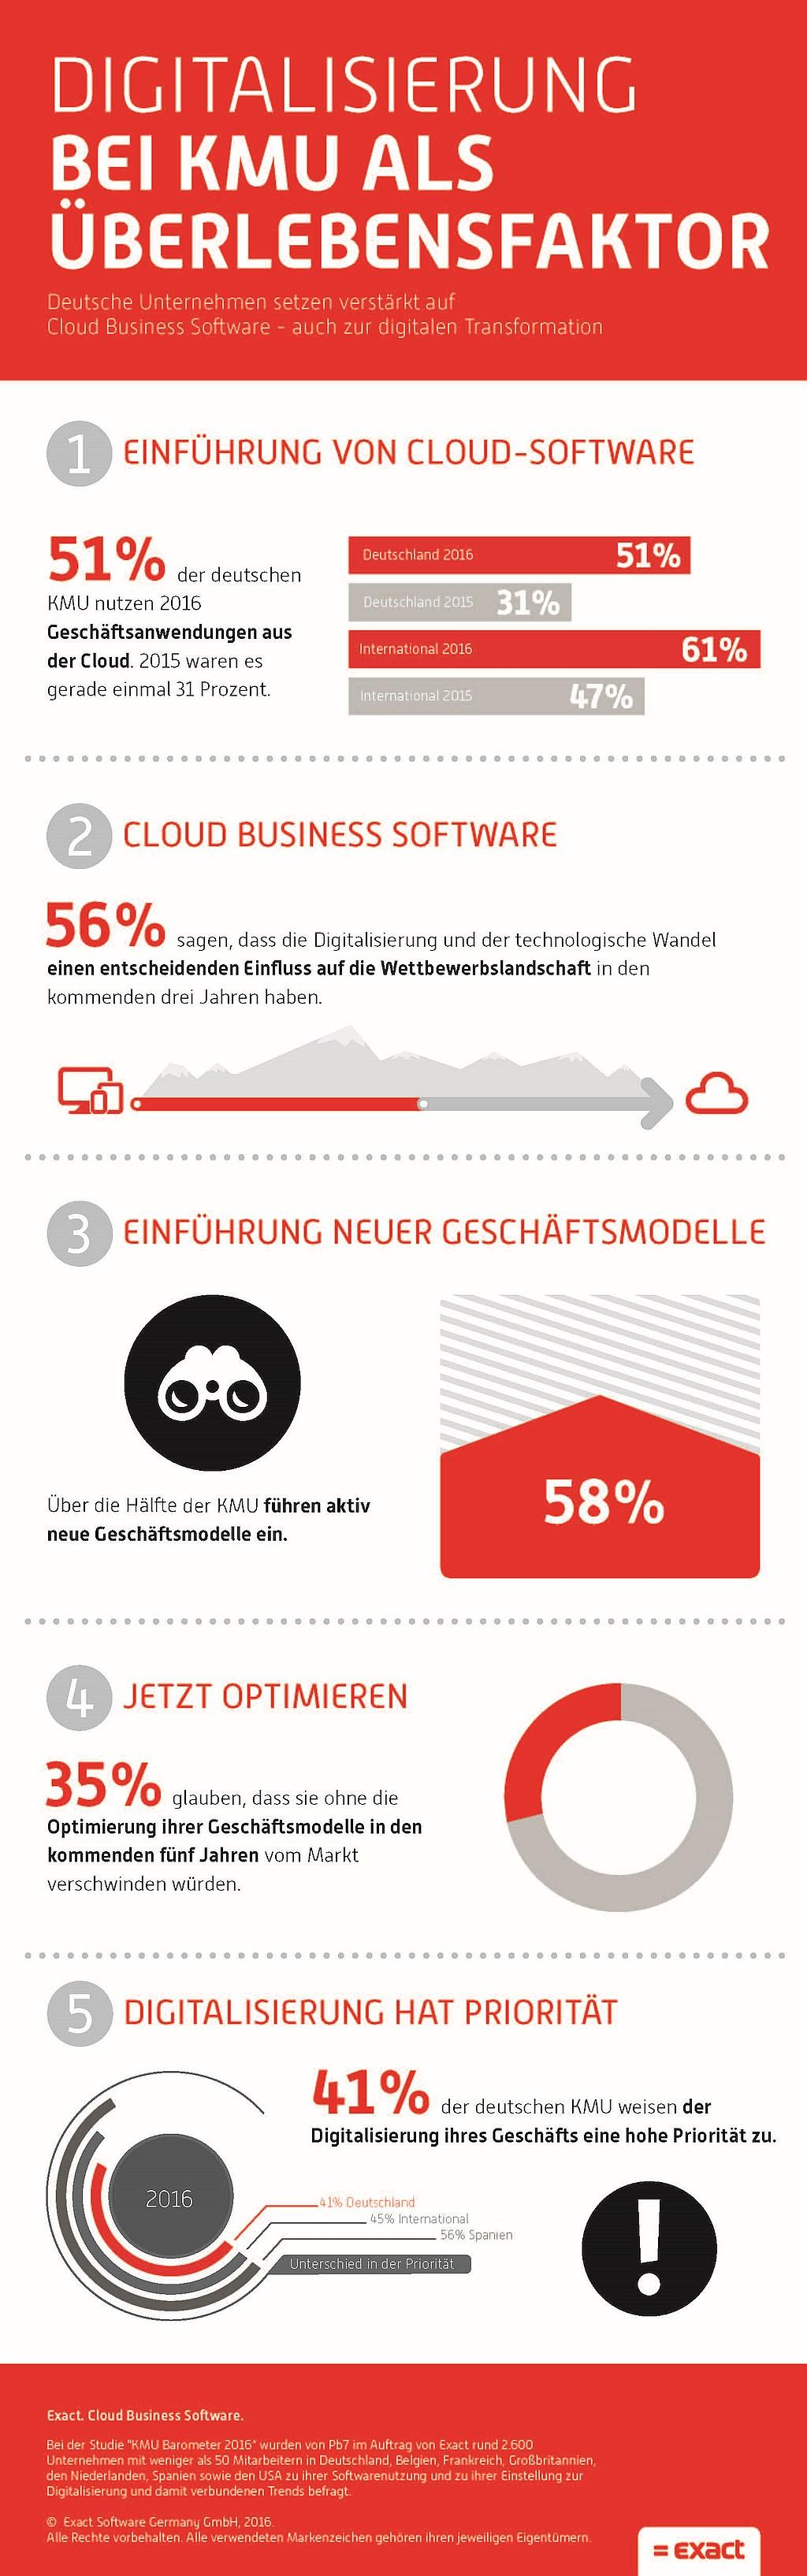 infografik exact digitalisierung